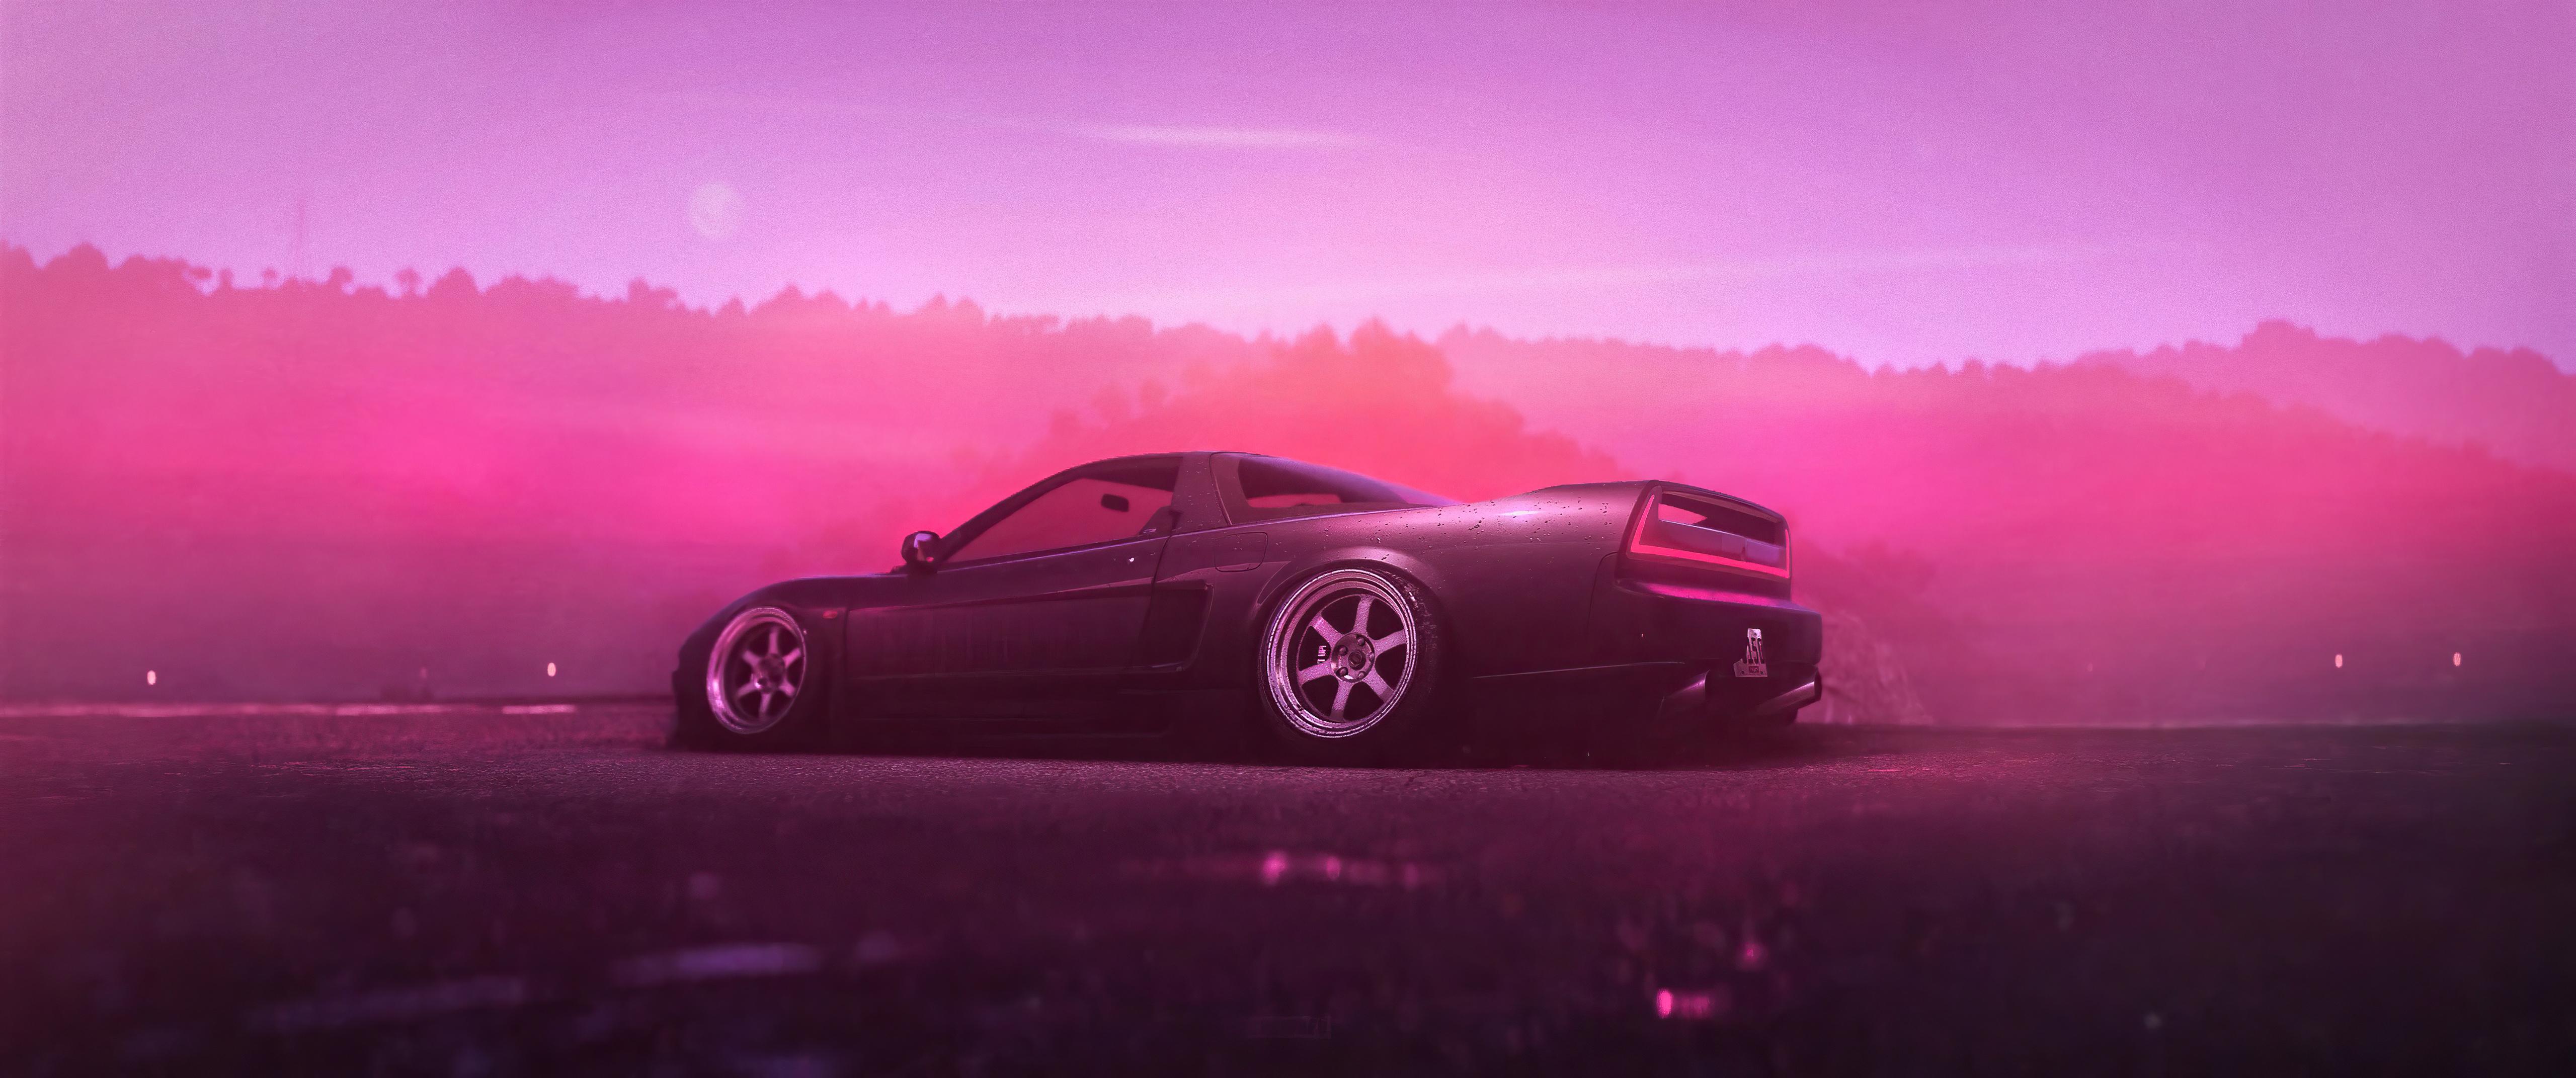 need for speed 2021 4k 1615133054 - Need For Speed 2021 4k - Need For Speed 2021 4k wallpapers